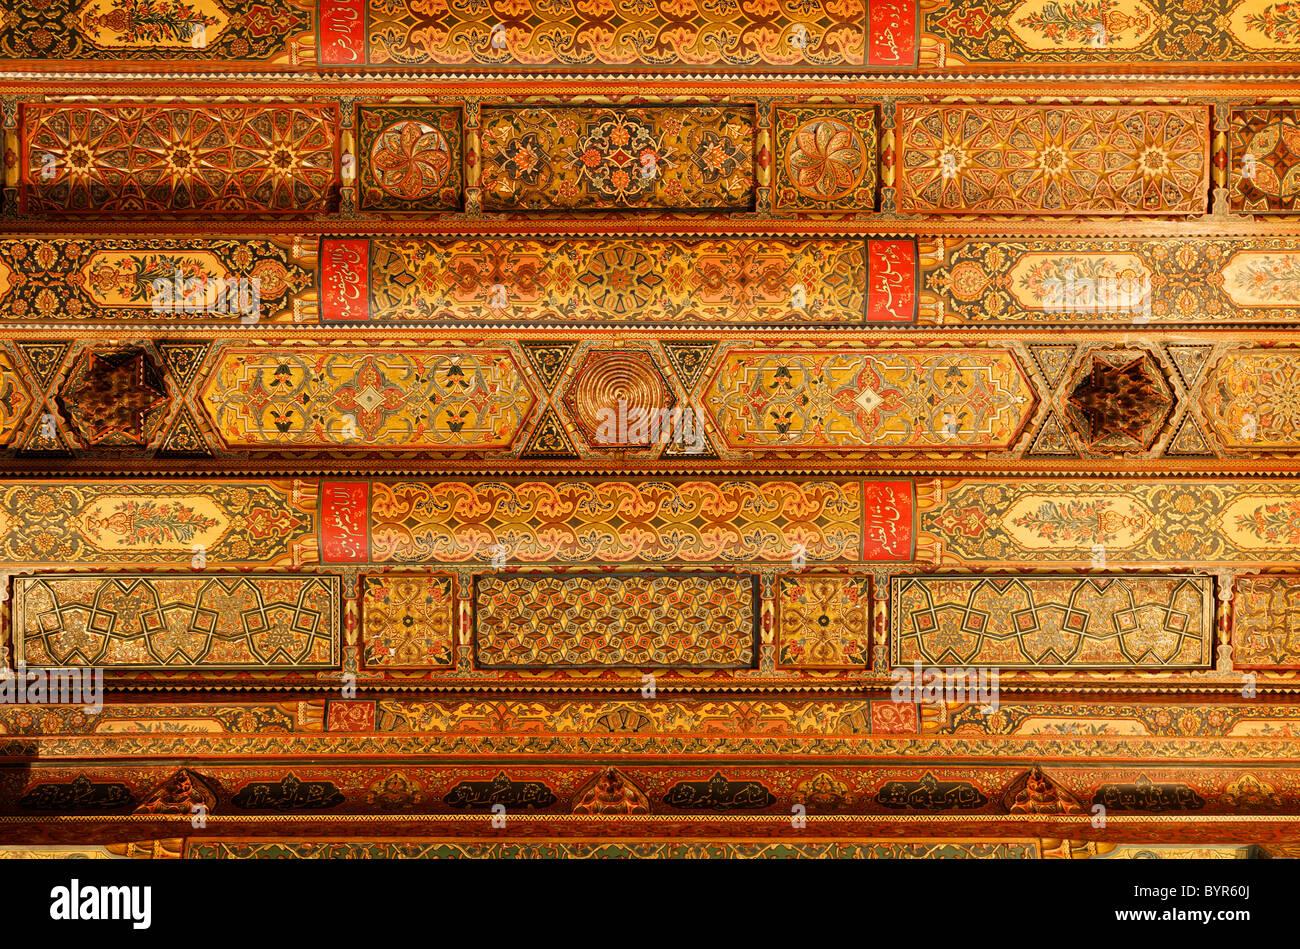 Reich verzierte Decke im Inneren das Torhaus der Zitadelle von Aleppo, Syrien Stockbild